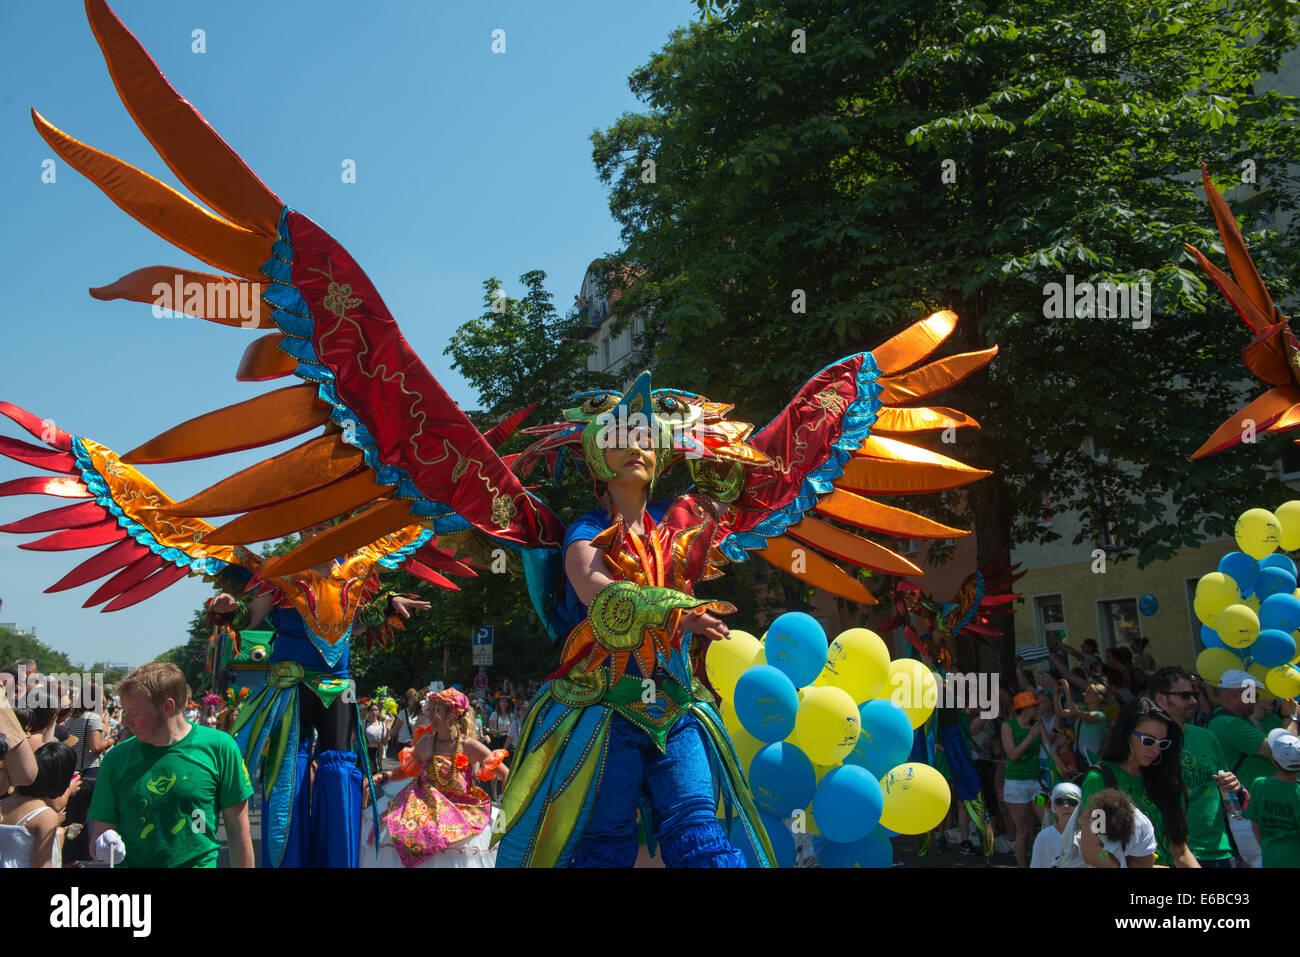 Los participantes en el Karneval der Kulturen (Carnaval de las culturas), uno de los principales festivales urbanos Imagen De Stock